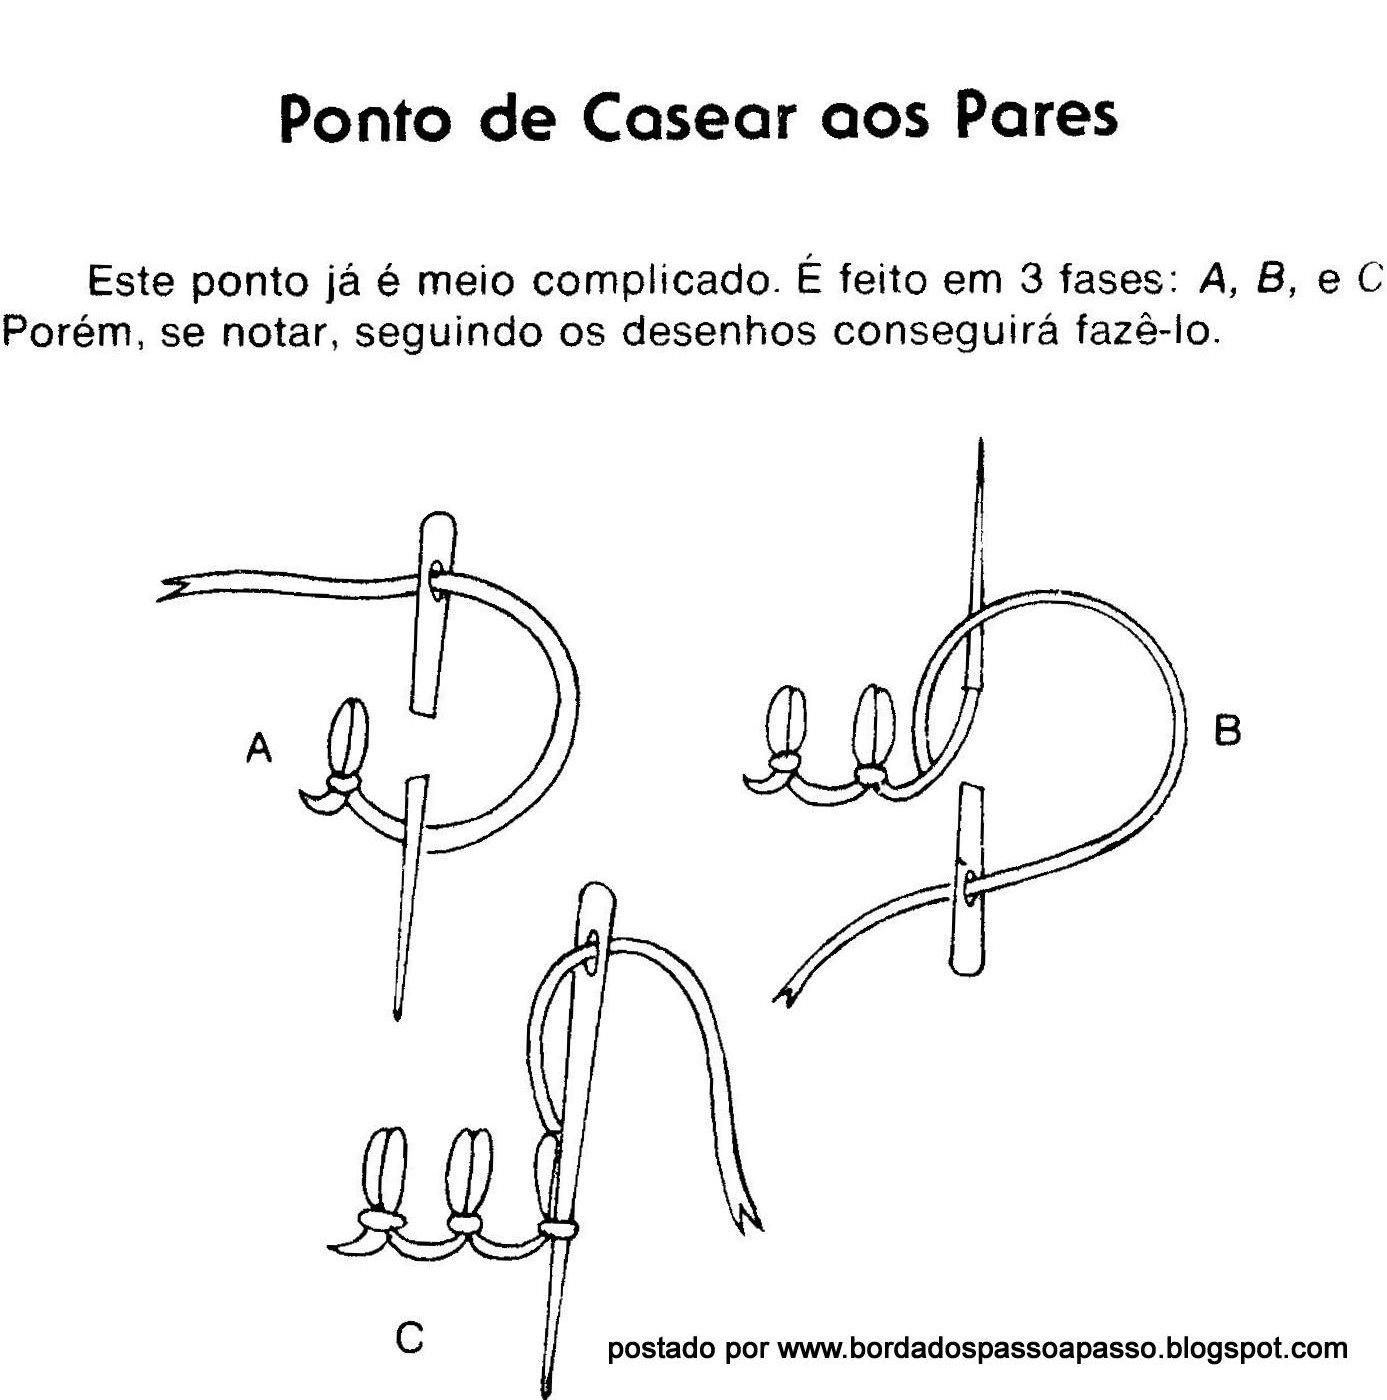 Favoritos BORDADOSBORDADOS: VARIAÇÕES DO PONTO DE CASEAR GN09